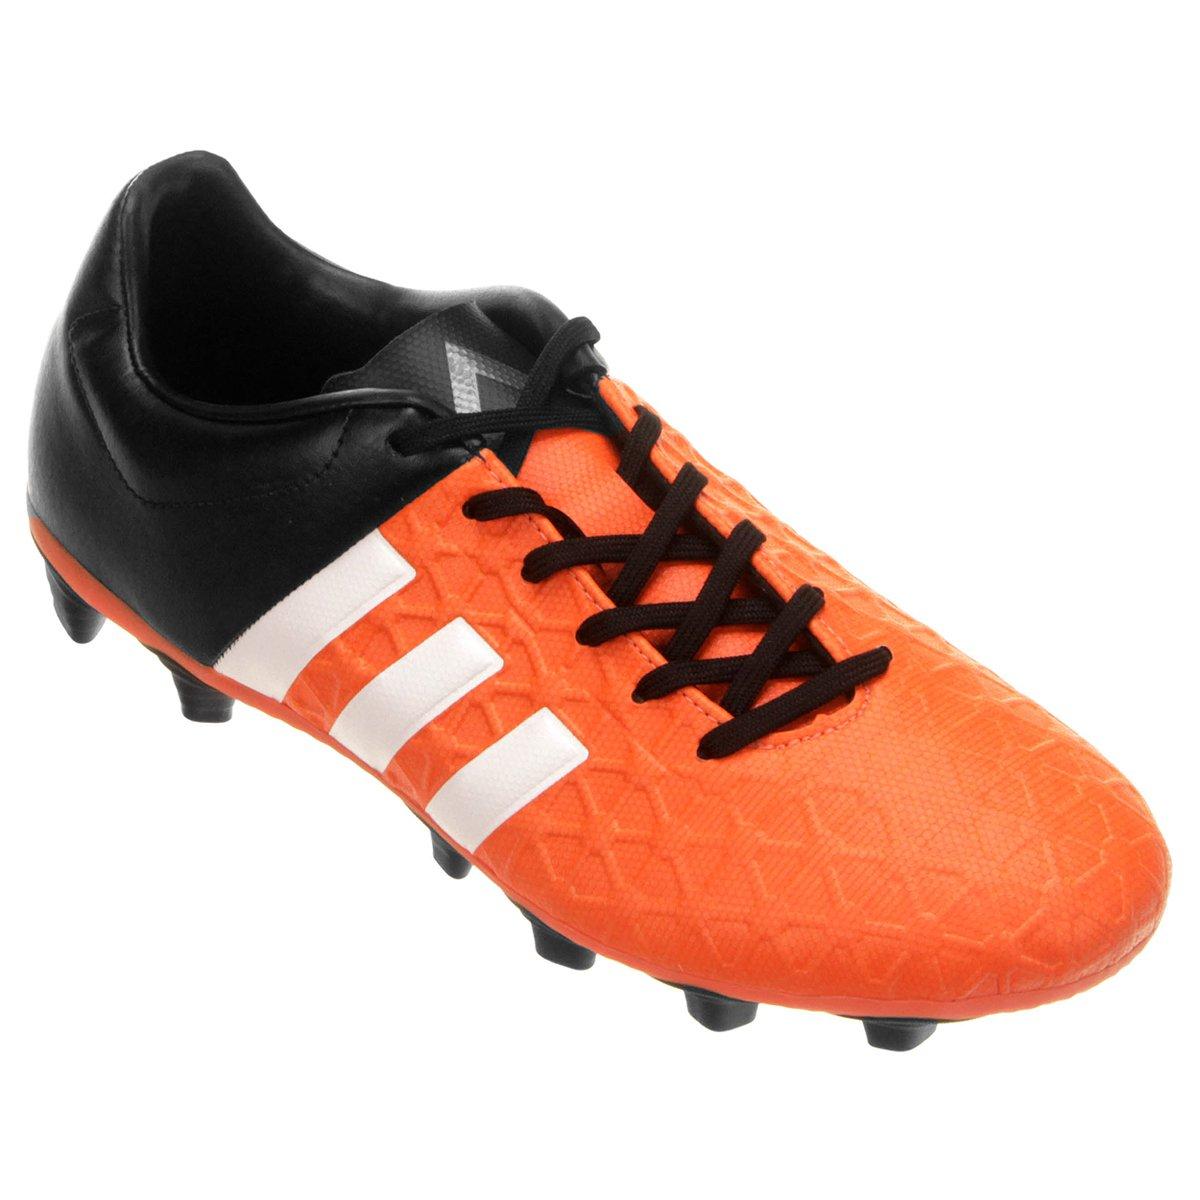 ... Chuteira Adidas Ace 15.4 FG Campo - Compre Agora Netshoes good service  9466a 564ab  chuteira adidas predator instinct ... 12248f83fced5